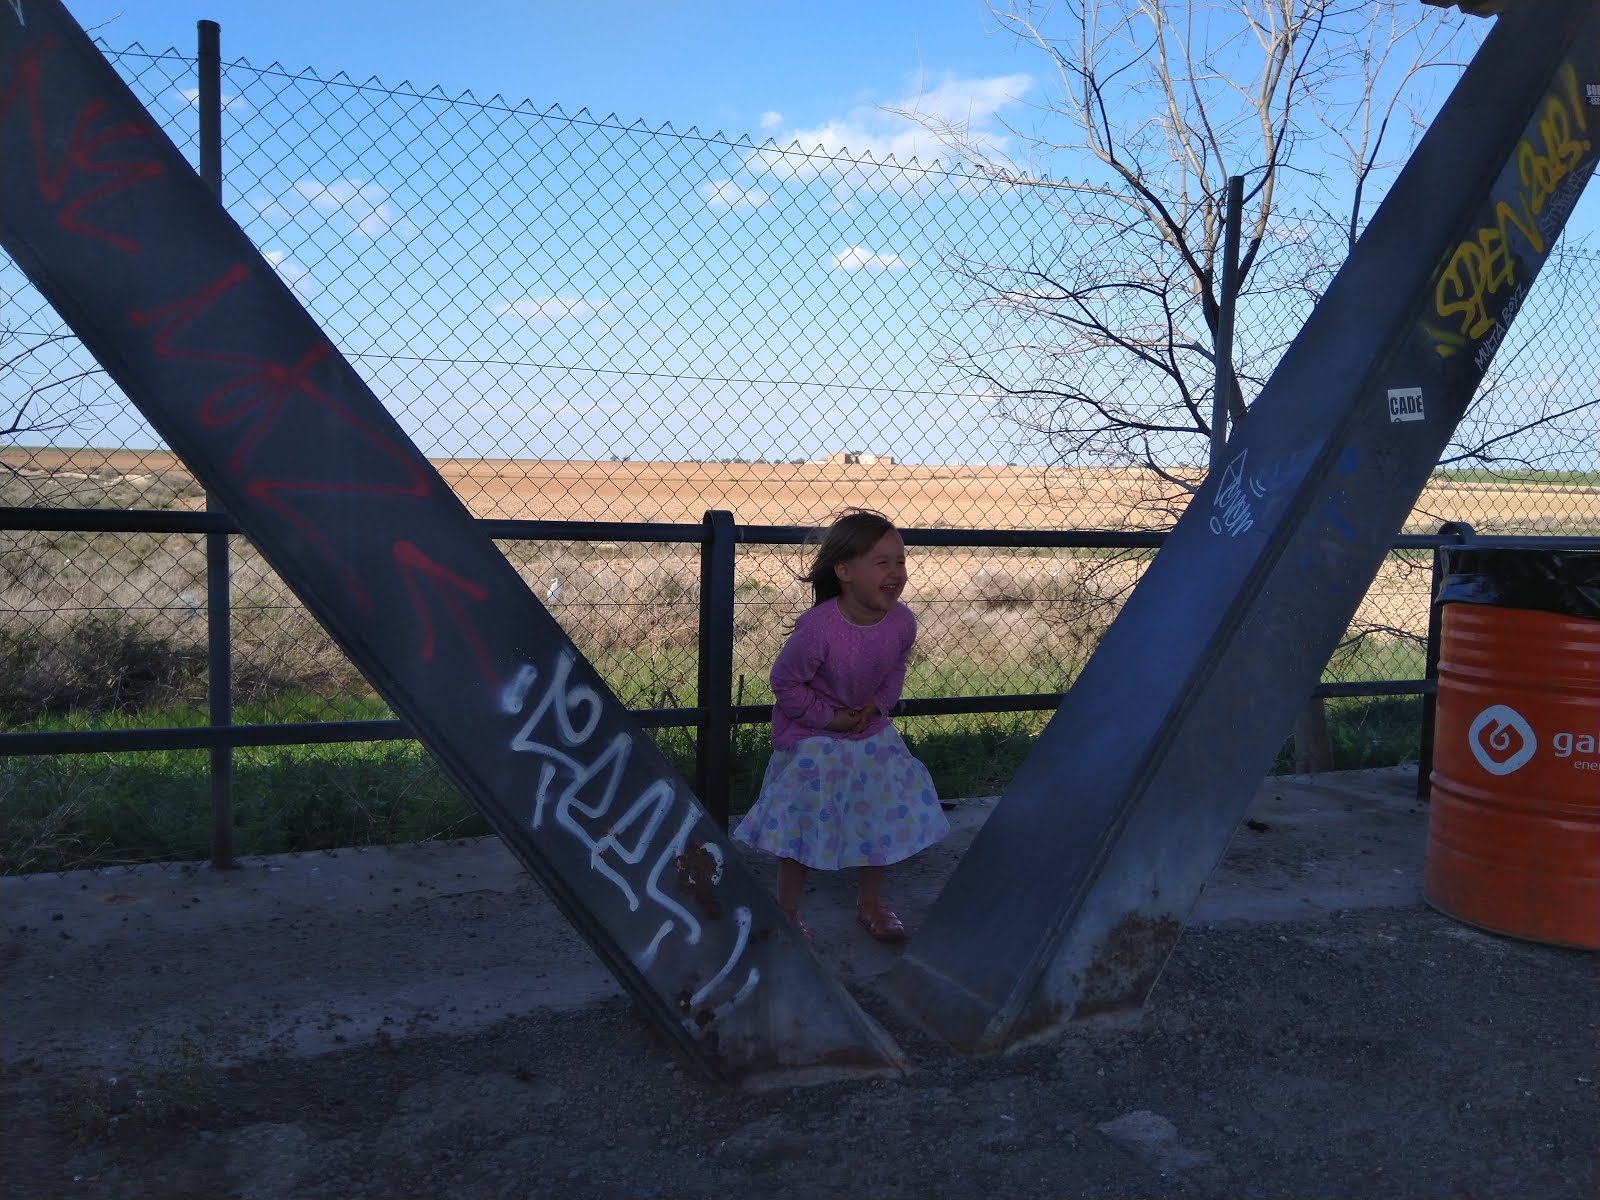 9bb41eb7cad Kuna täna oli autopäev, siis oleme kõik üpris väsinud ja ega palju  kirjutada jaksagi. Homme kirjutan pikemalt :) Siin aga Roosi Lleida kandis  puhkepausil ...